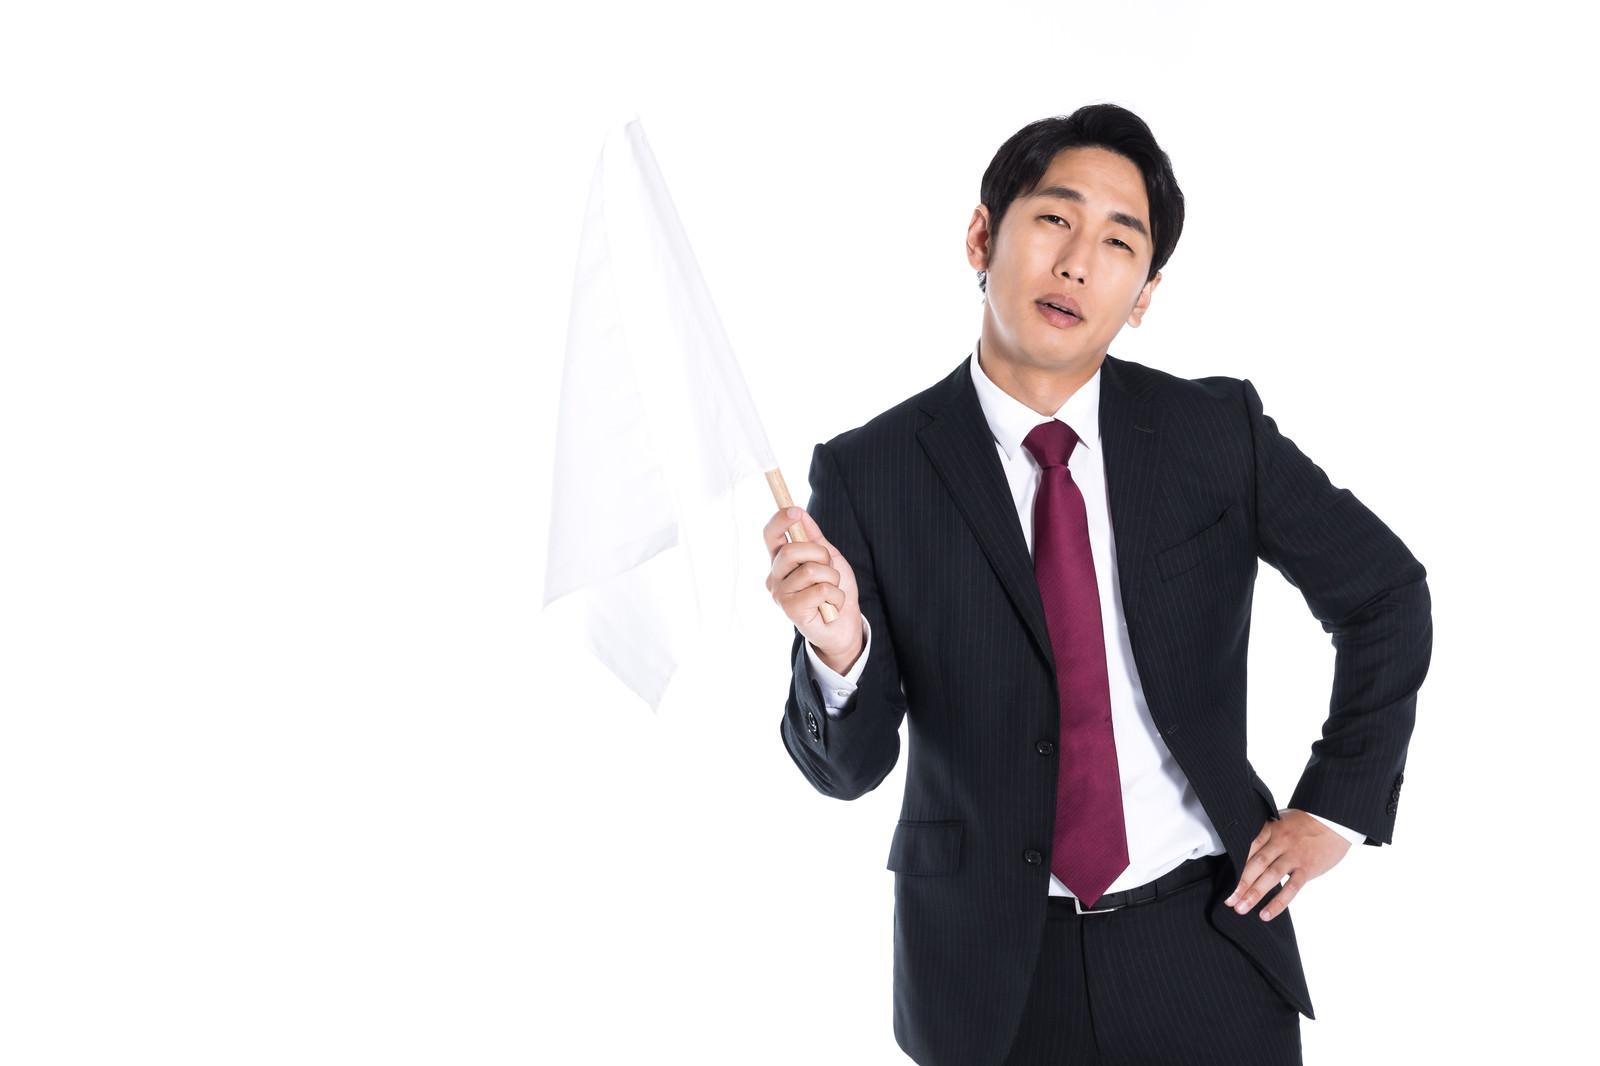 「嫌々白旗を揚げる会社員」の写真[モデル:大川竜弥]